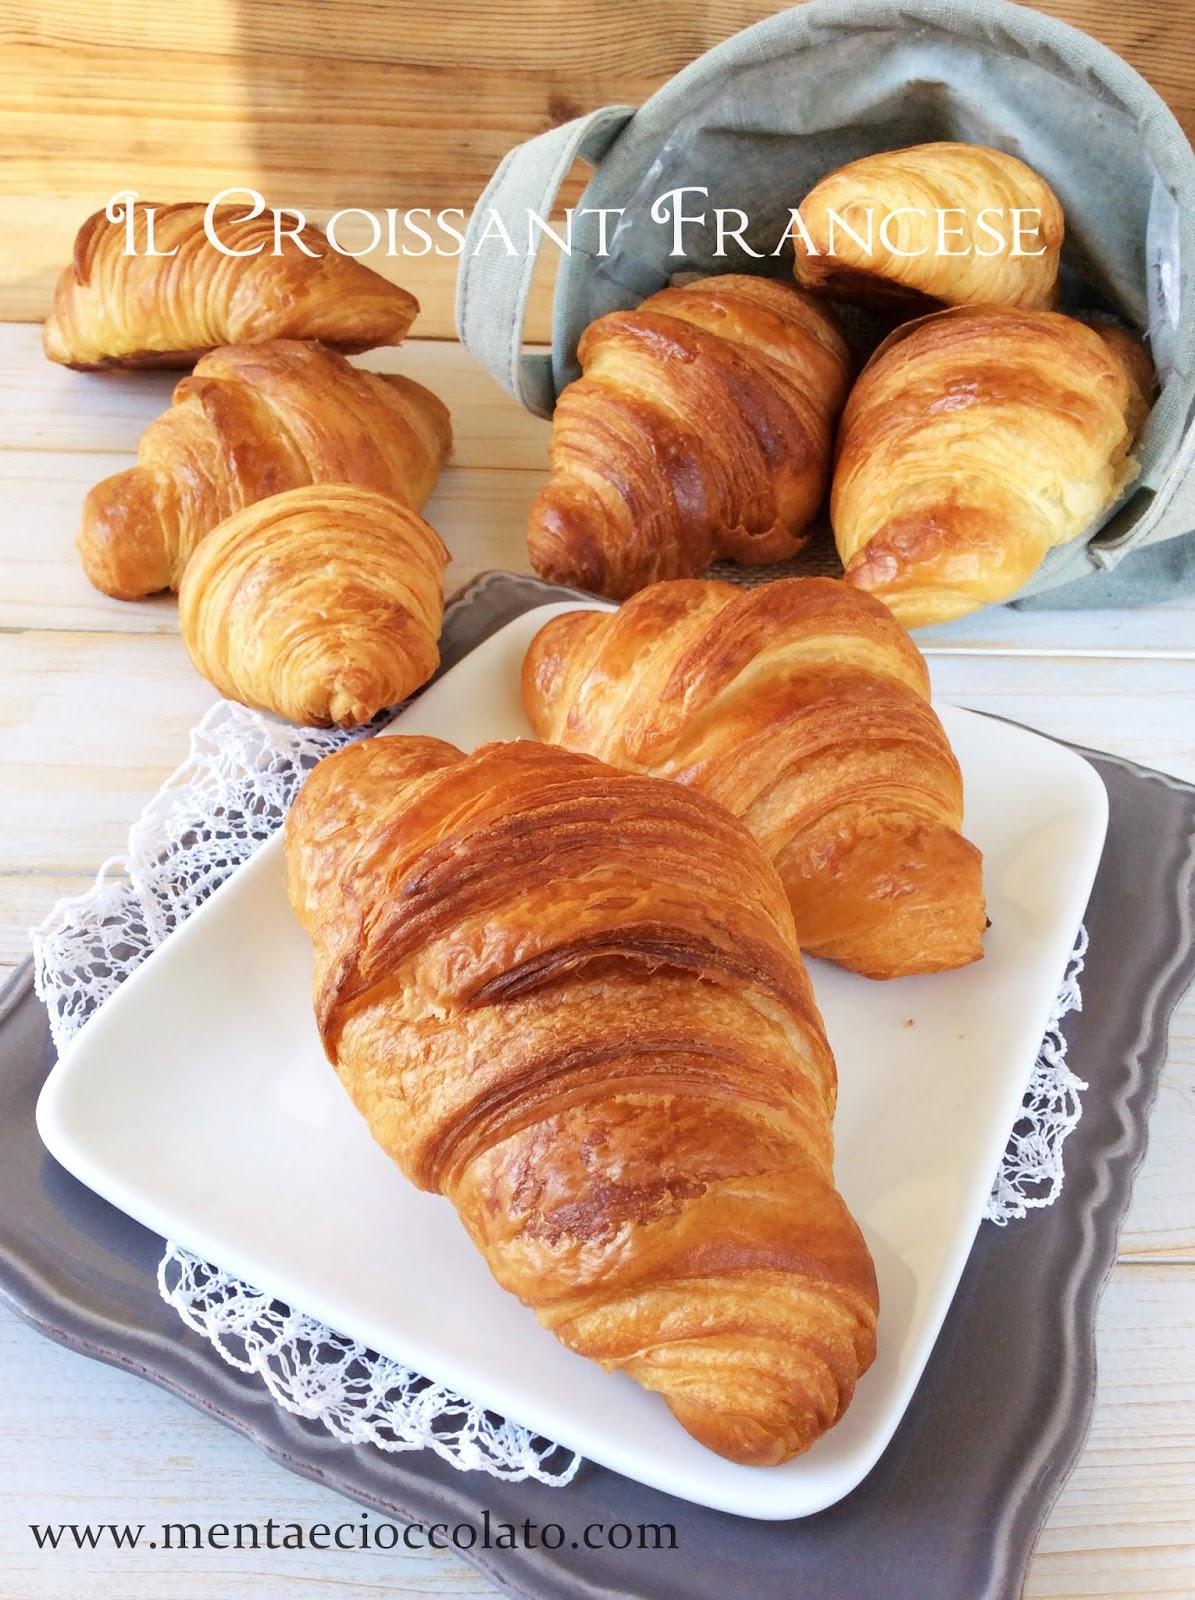 Ricetta Brioches Buonissime.Menta E Cioccolato Croissants Francesi Buonissimi